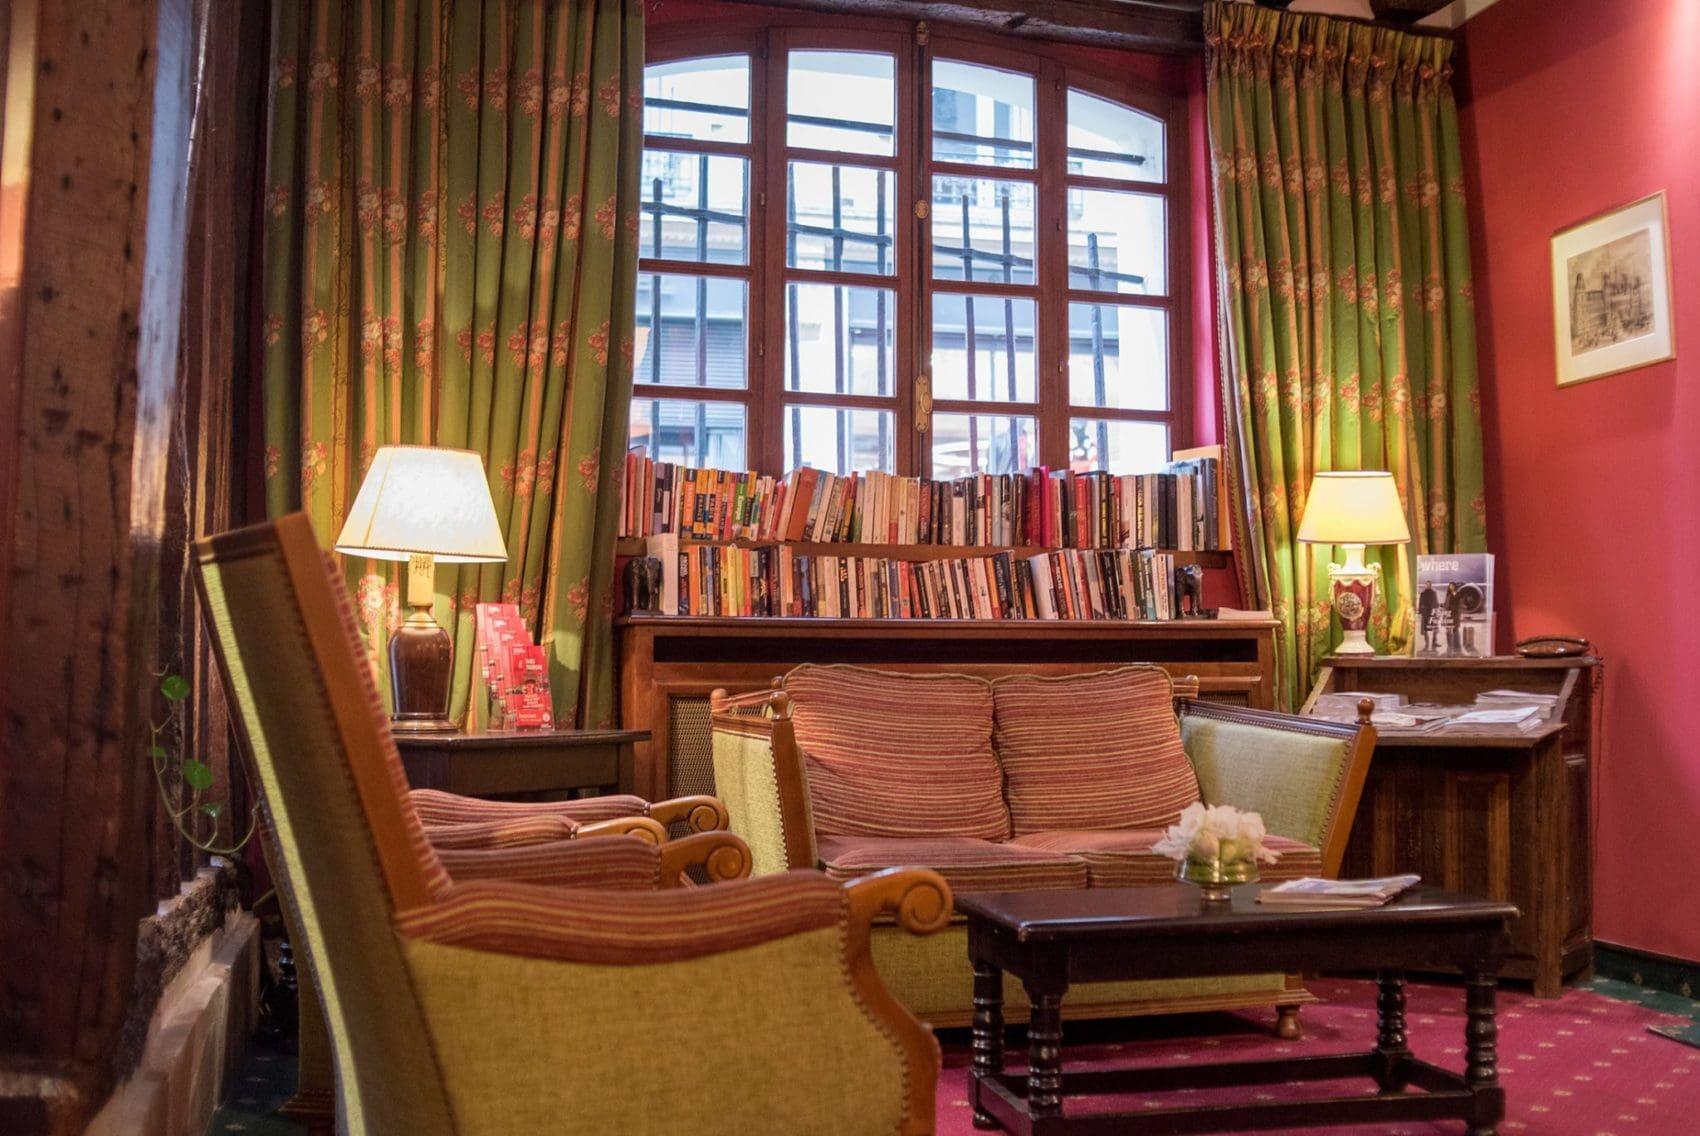 Le Marais Paris Accommodation at Hotel de la Bretonerie.